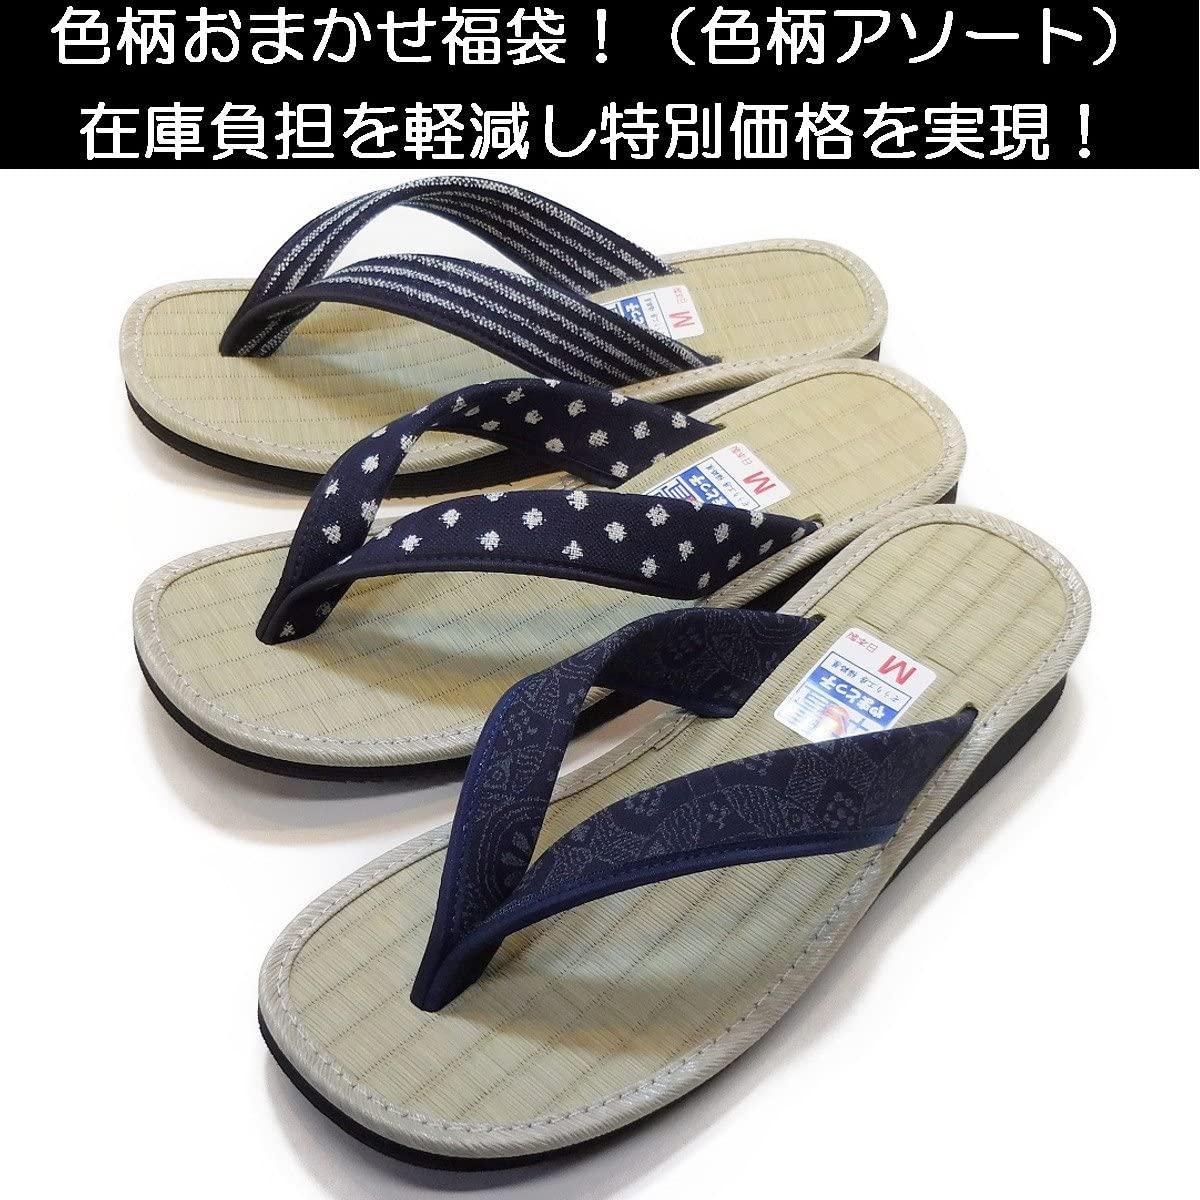 やまとっ子(ヤマトッコ) 本畳ぞうり 男性用の商品画像3